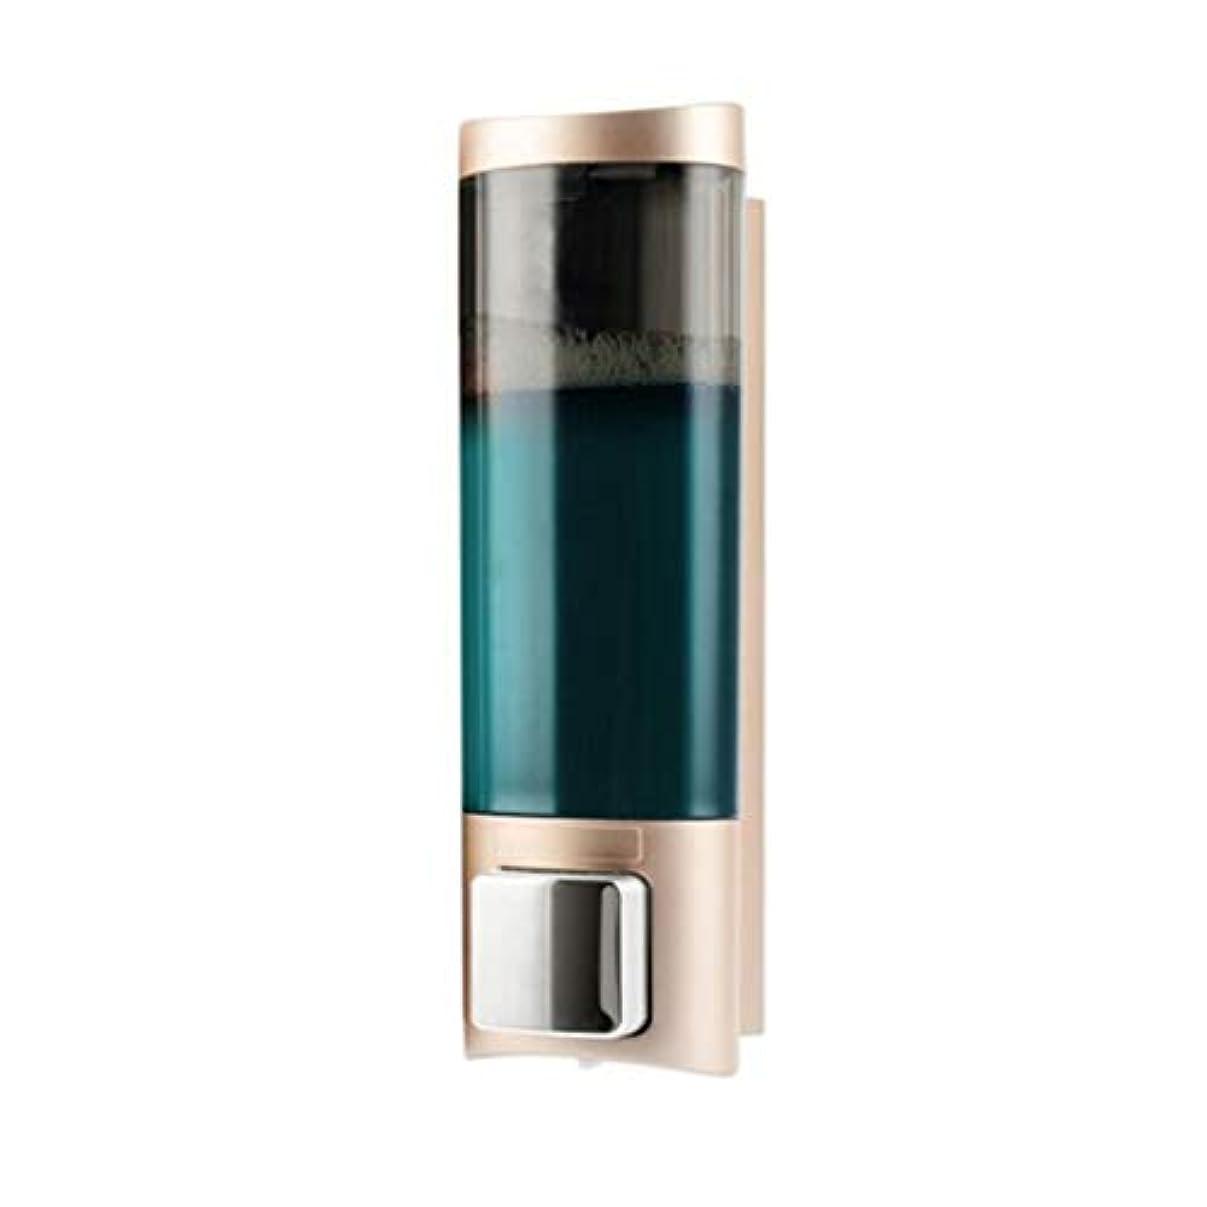 オーバーコート矩形たるみKylinssh 液体石鹸ディスペンサーポンプ、浴室または台所、家のホテル - ステンレス鋼のために理想的な壁の台紙の石鹸/ローションディスペンサーポンプ